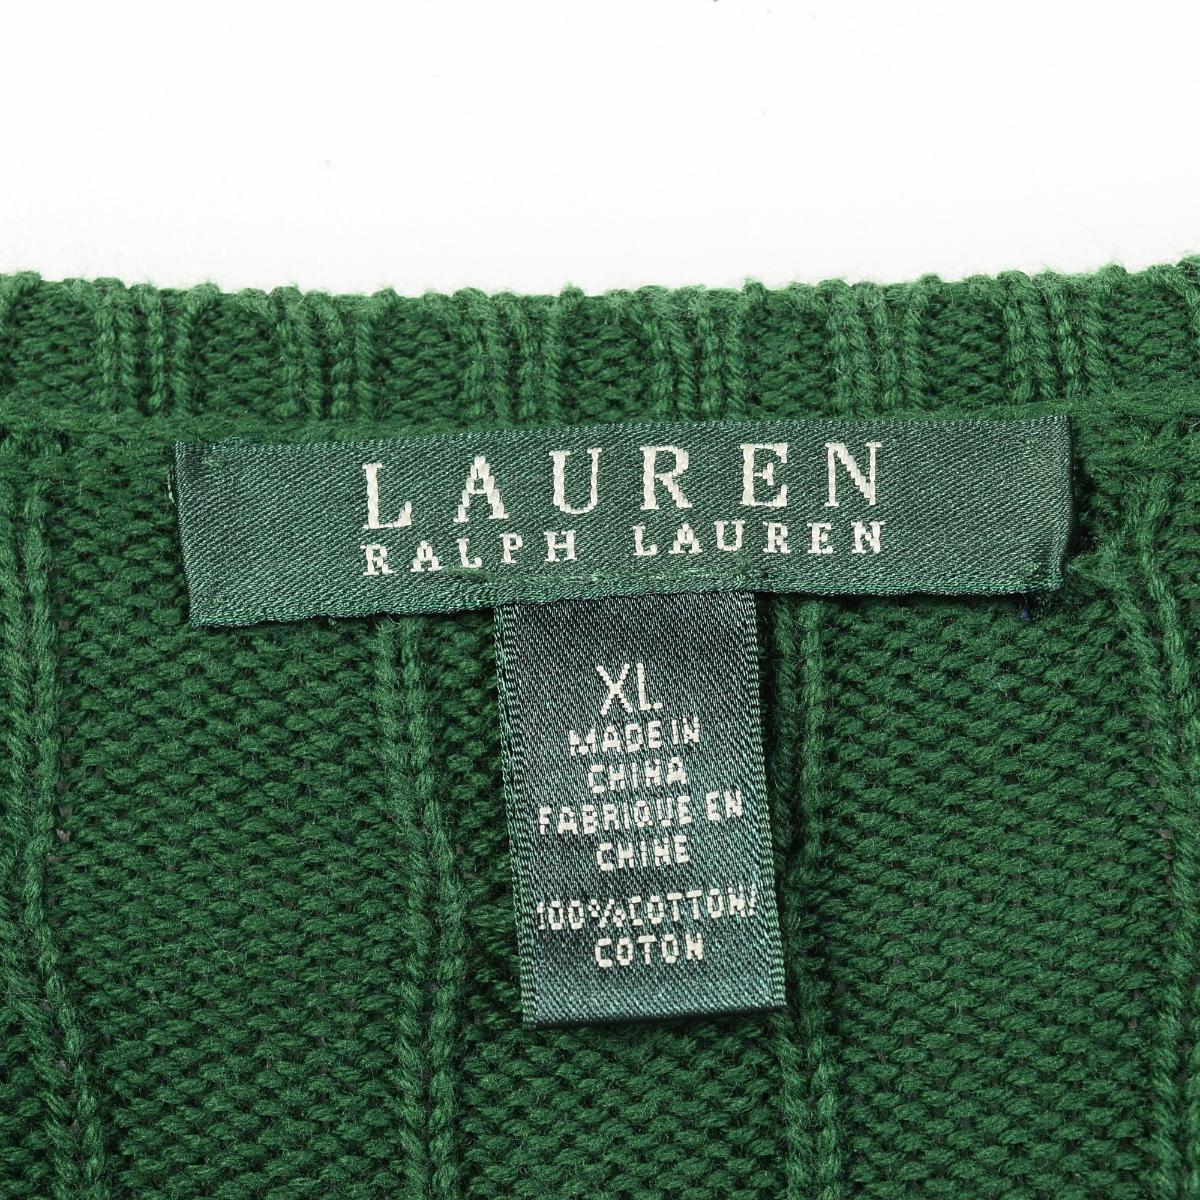 拉尔夫劳伦LAUREN洛伦电缆制造狭缝颈棉布编织物毛衣女士XL Ralph Lauren/wep8743 160413